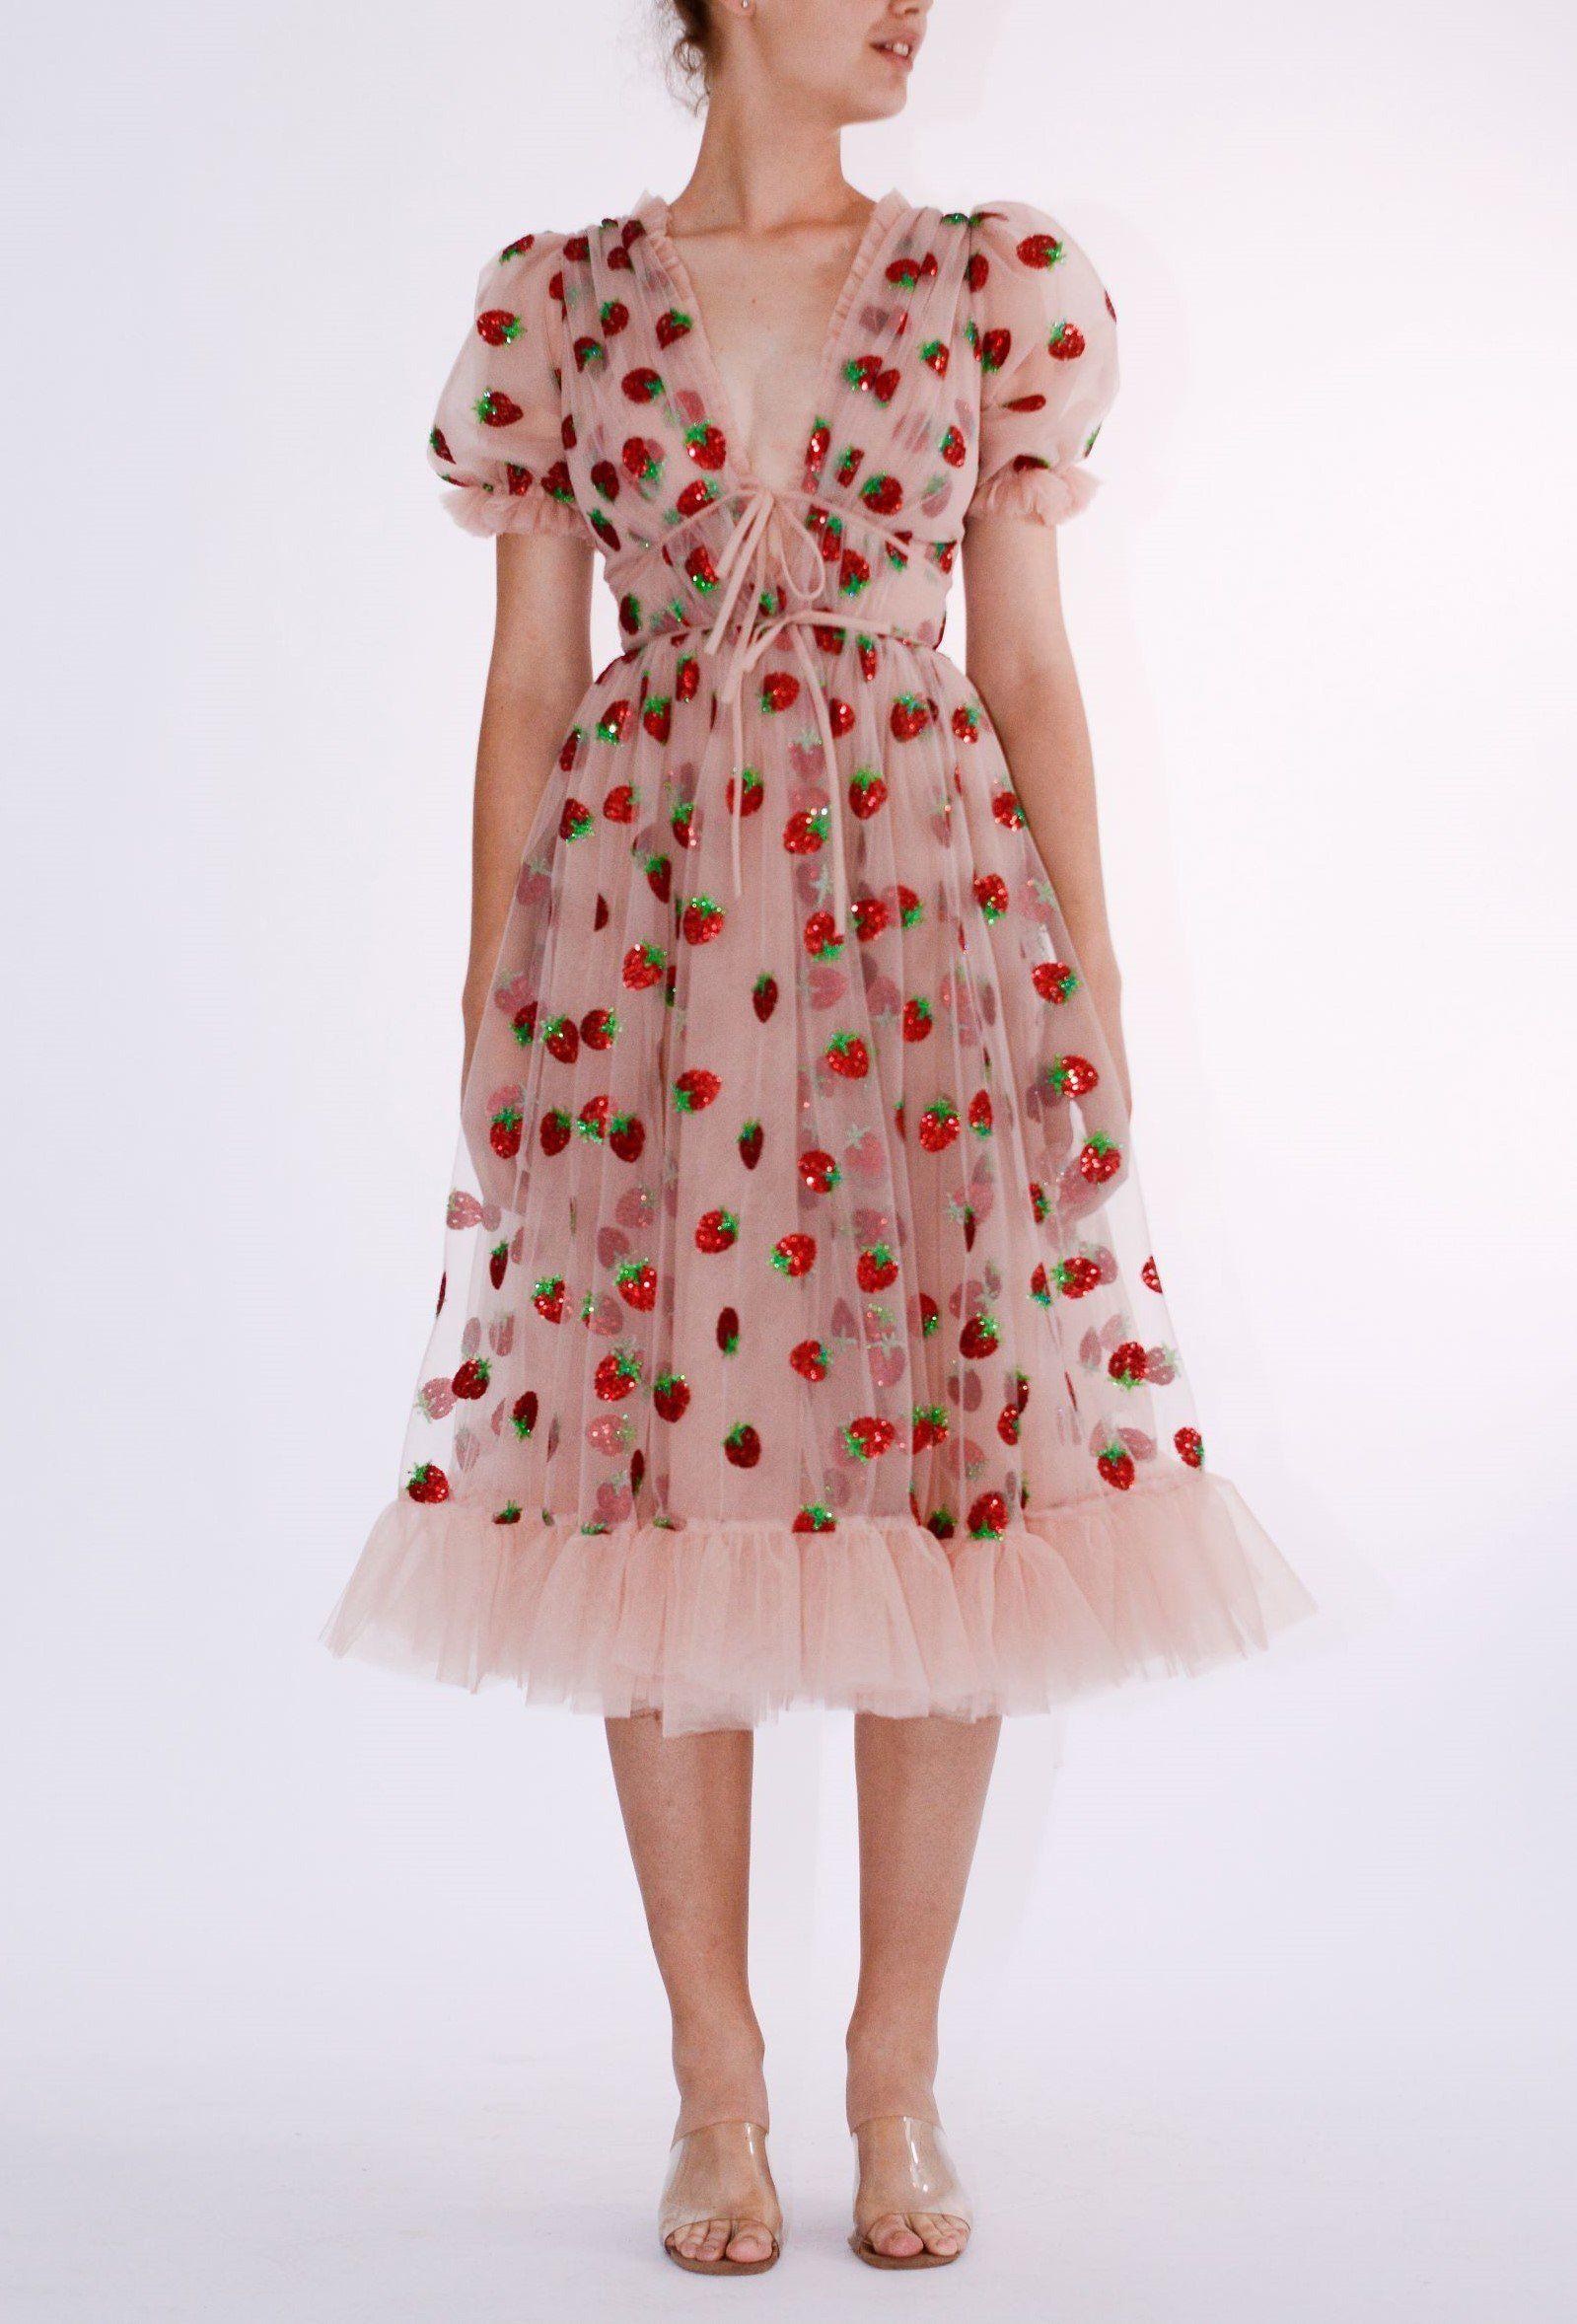 Strawberry Midi Dress Groovy Fashion Pretty Dresses Midi Dress [ 2356 x 1599 Pixel ]